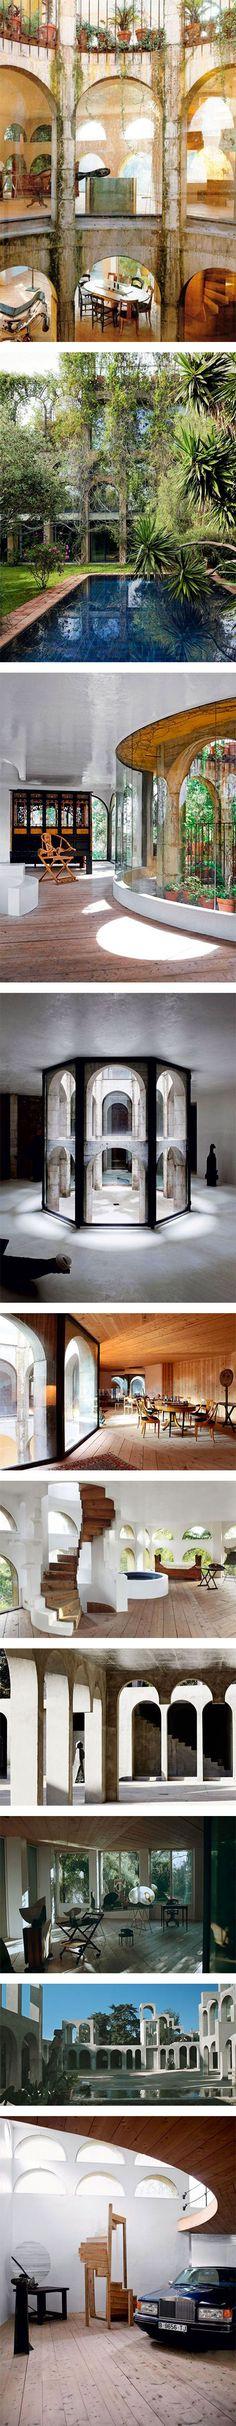 Sculptor Xavier Corberou0027s incredible home in Spain